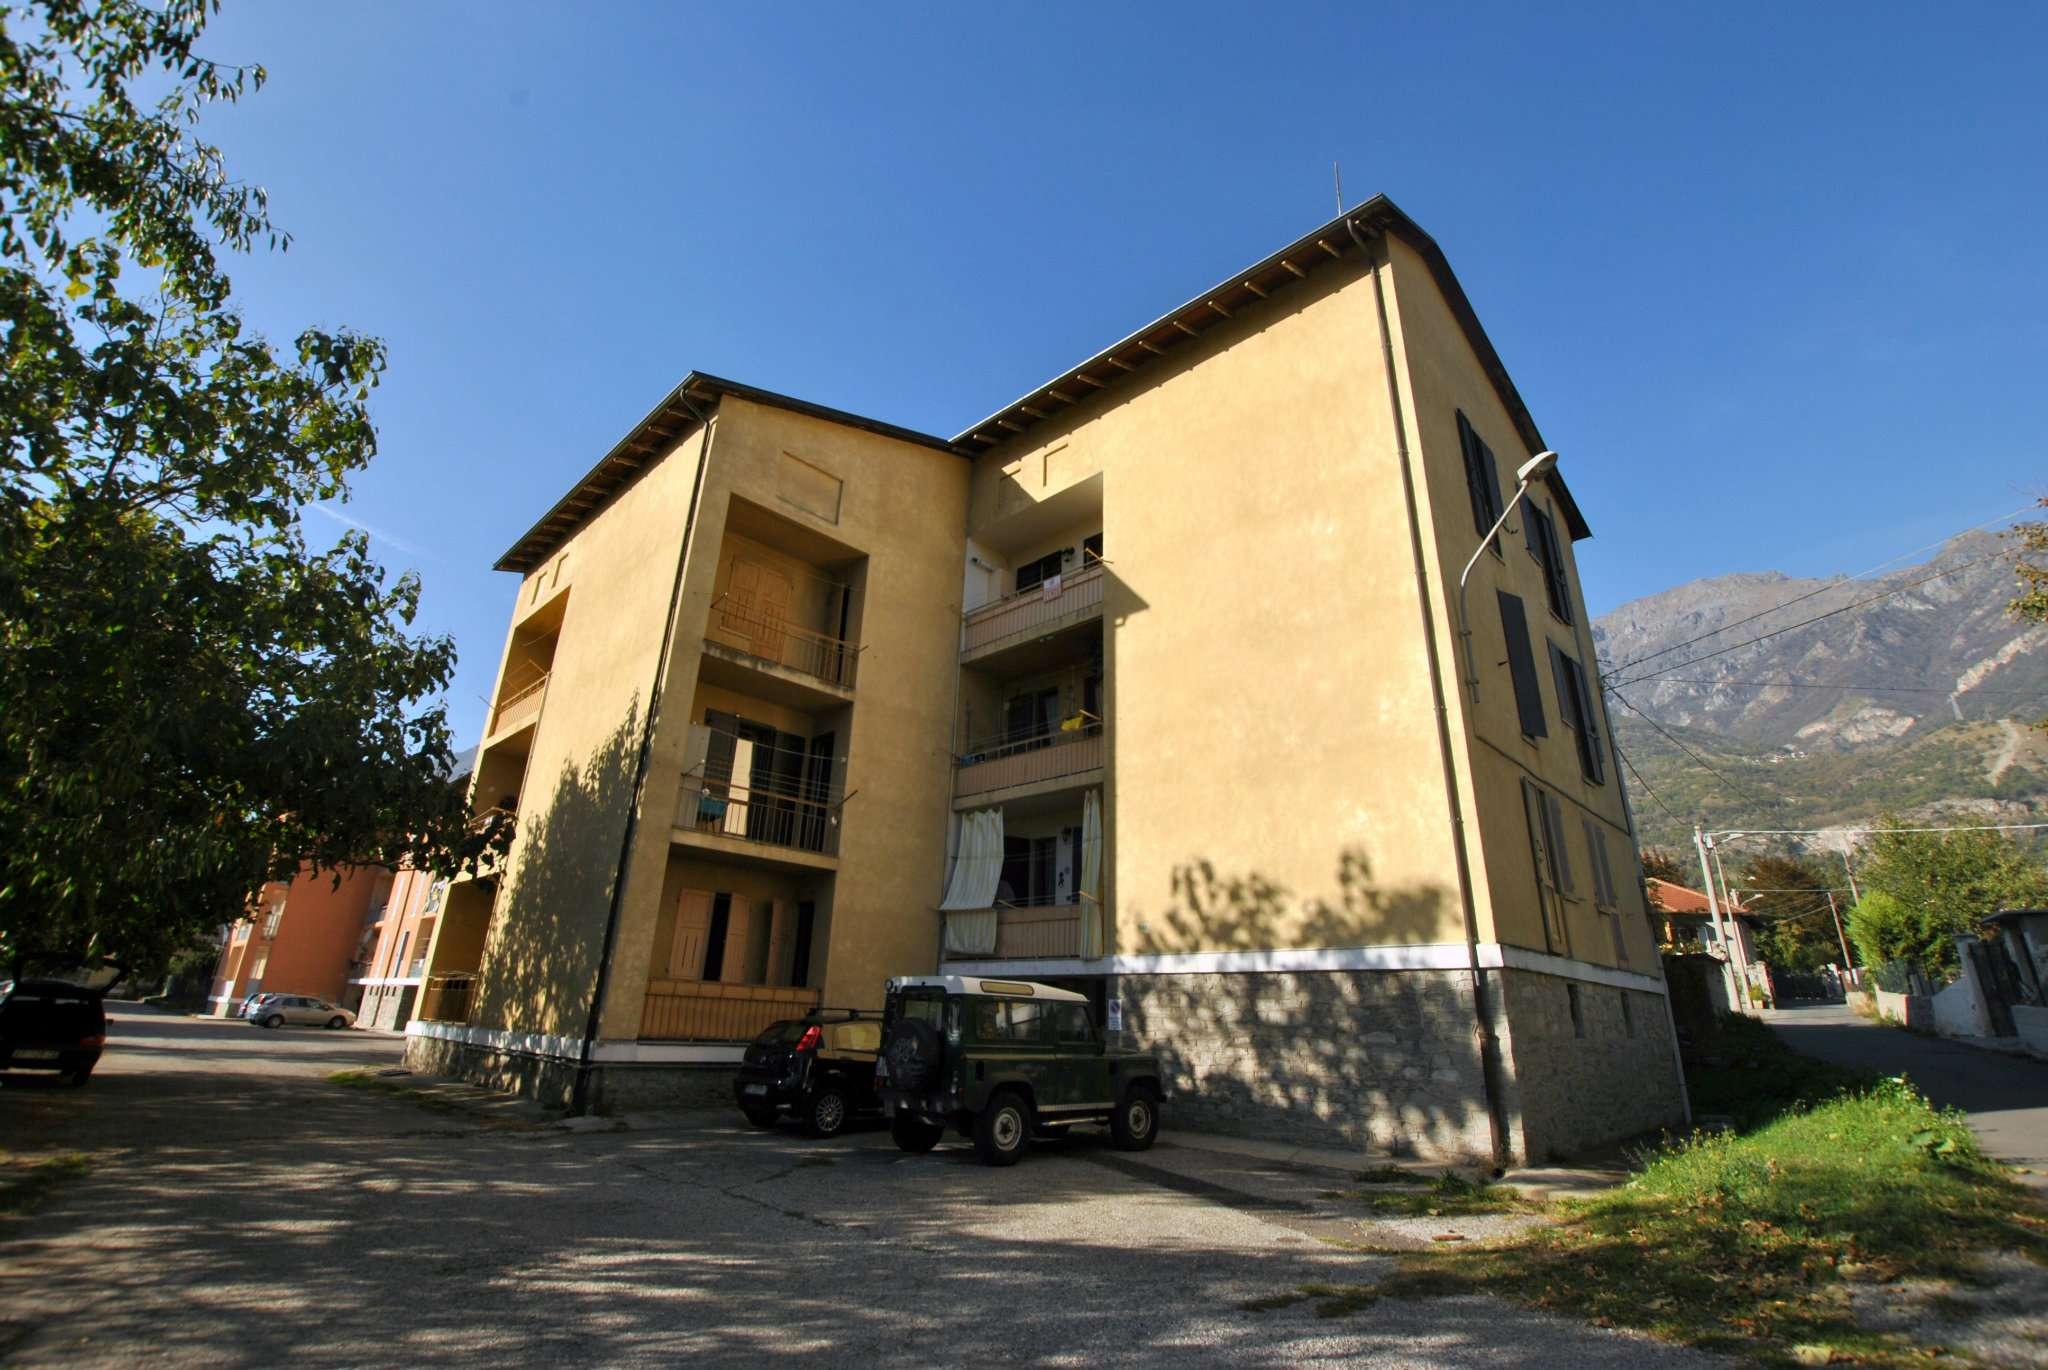 Appartamento in vendita a Bussoleno, 4 locali, prezzo € 118.000 | CambioCasa.it